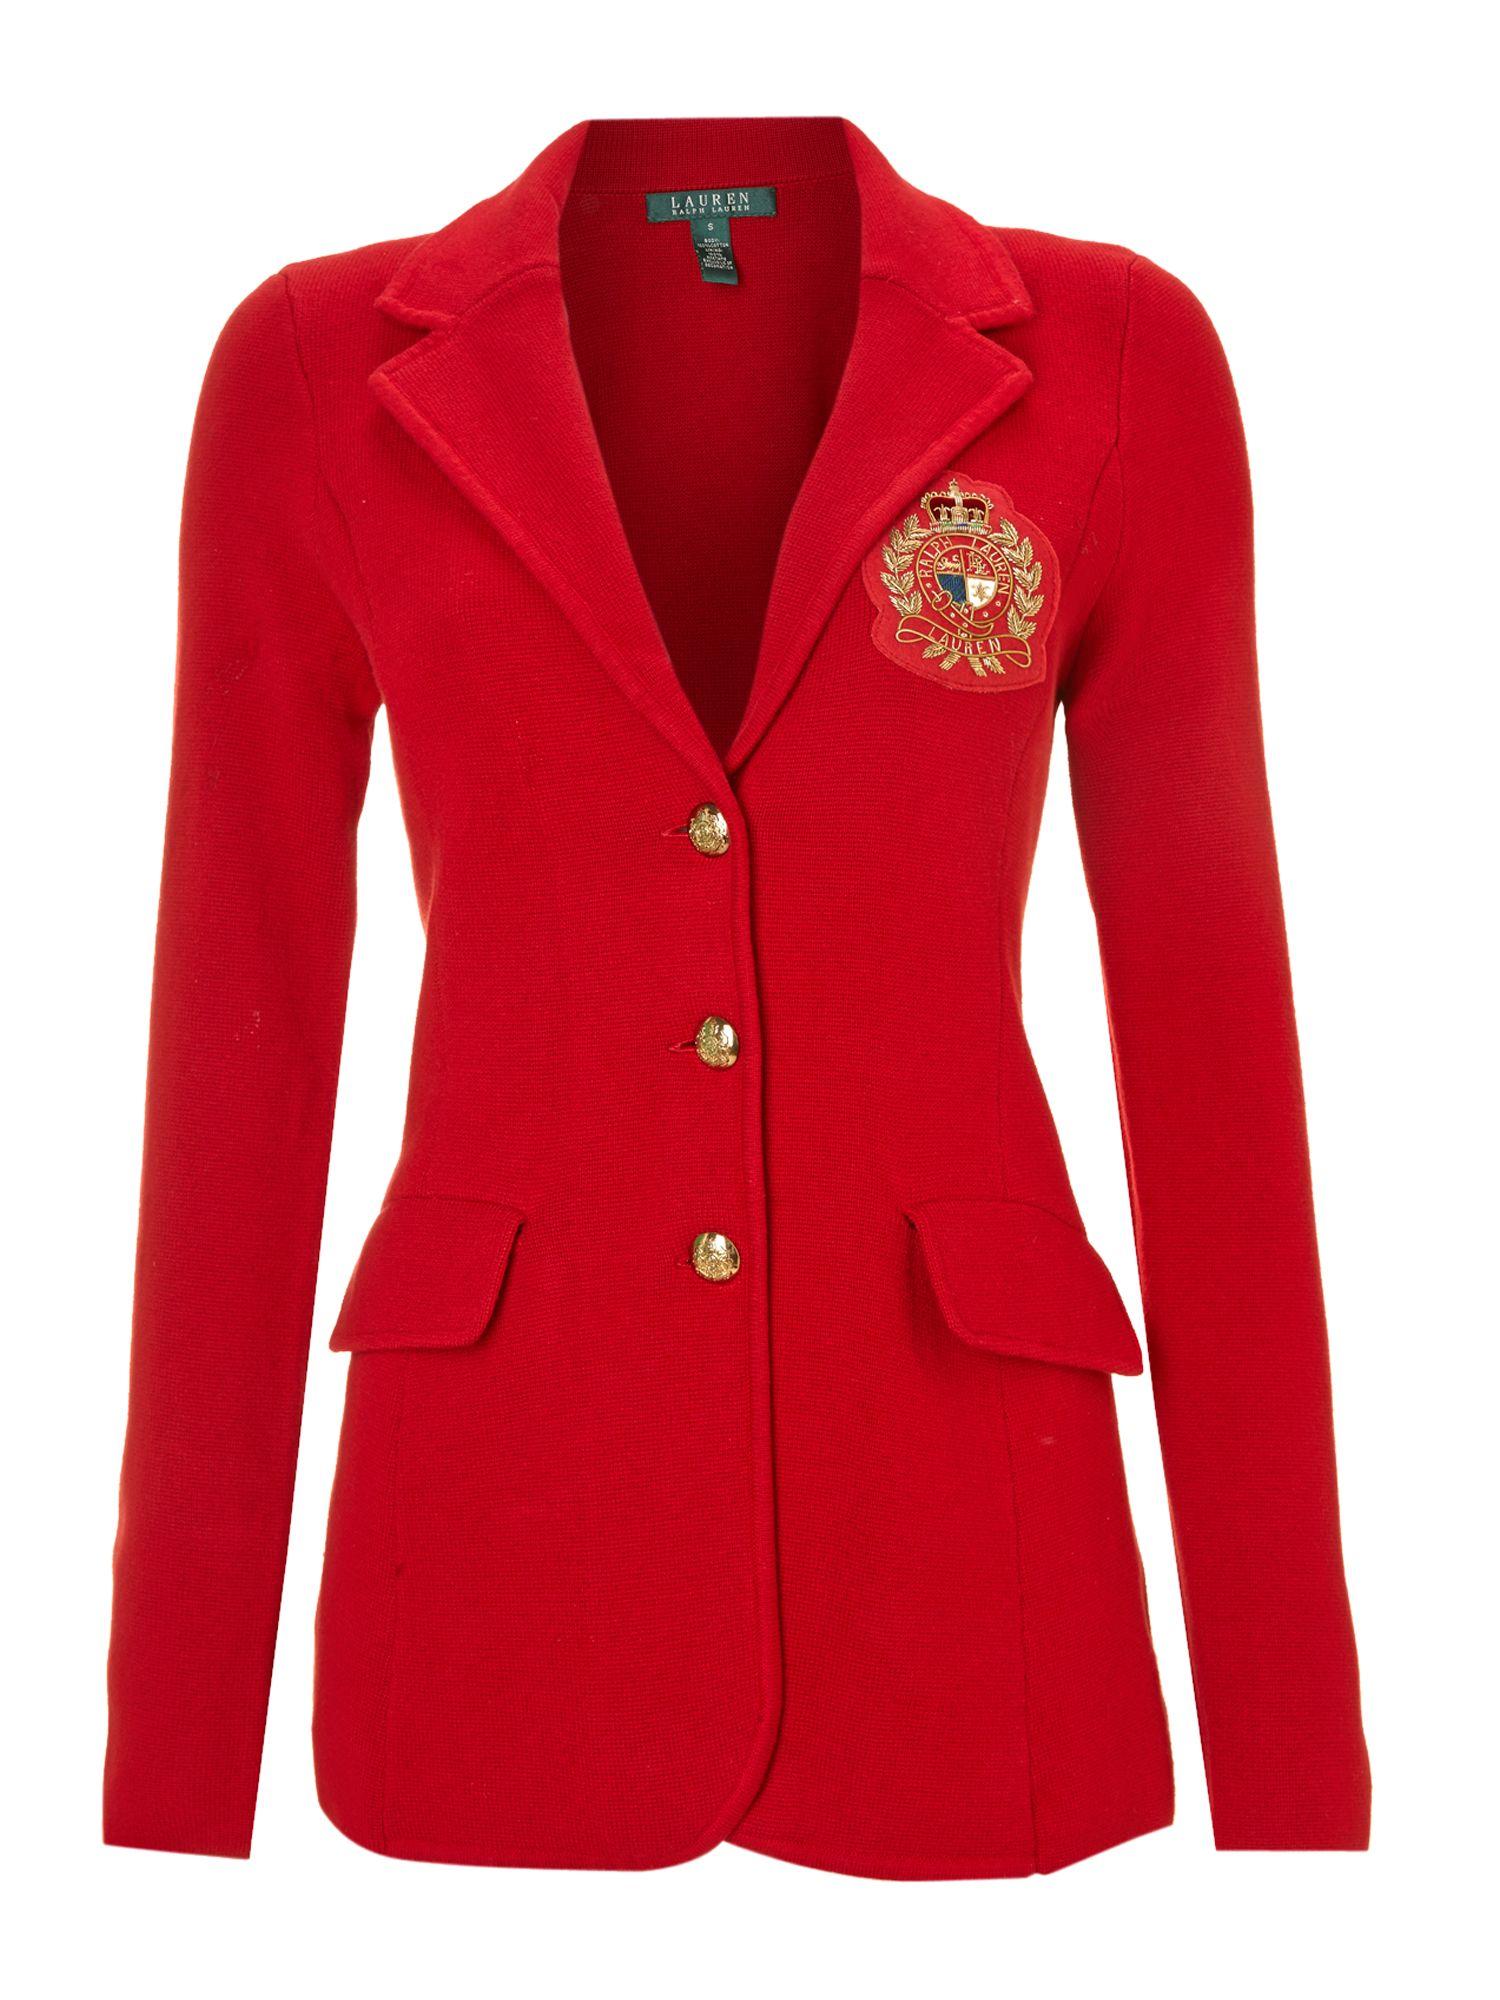 Lauren By Ralph Lauren Blazer With Crest Detail In Red Lyst